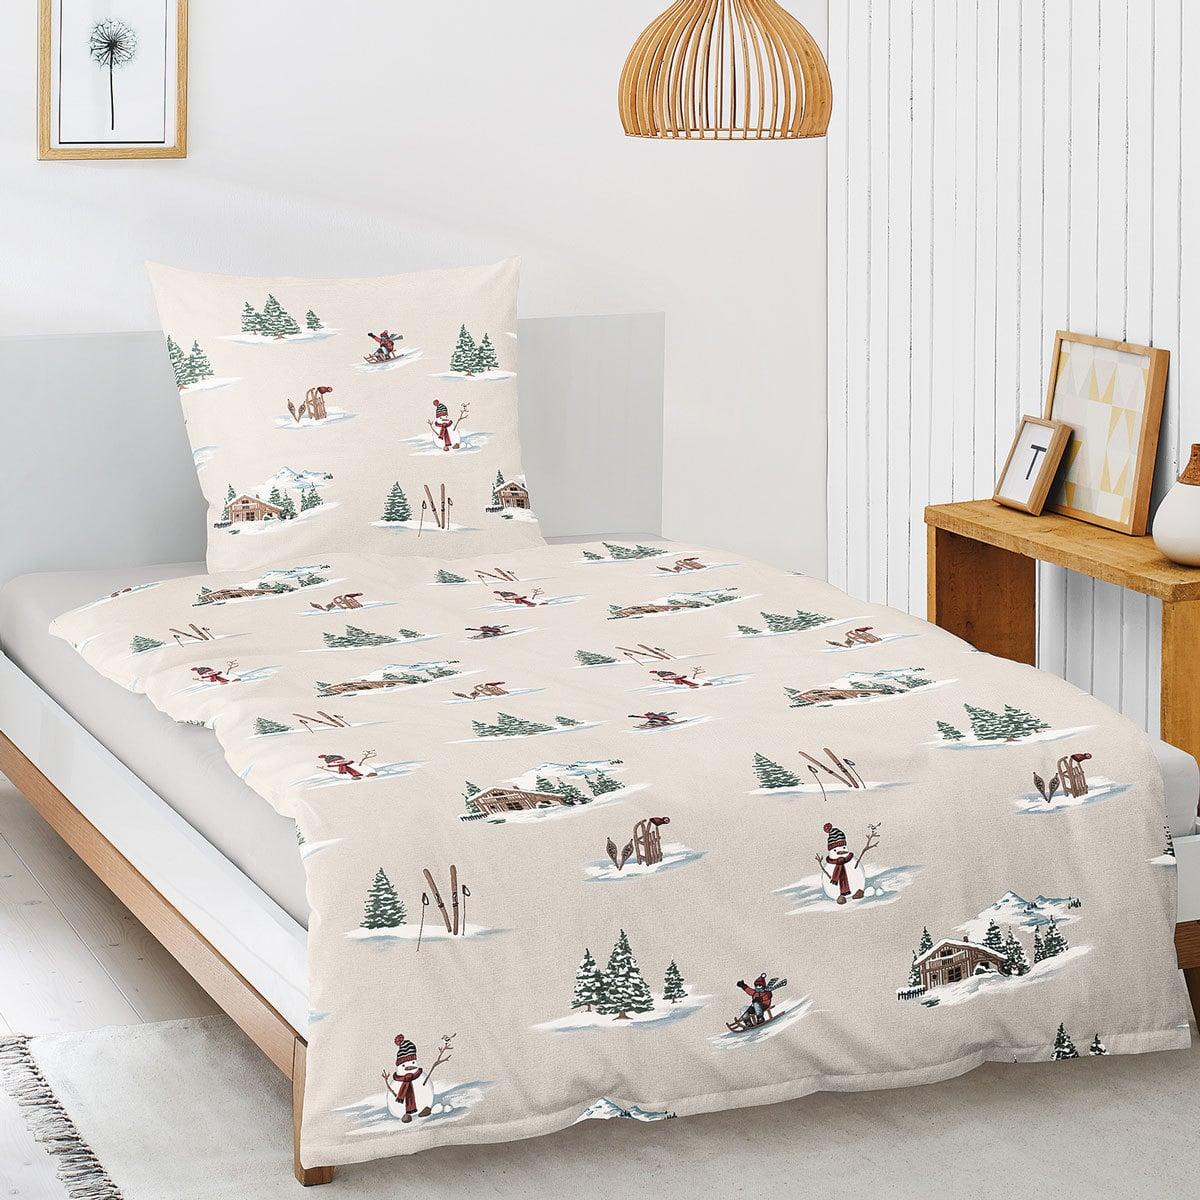 irisette biber bettw sche davos 8006 80 g nstig online kaufen bei bettwaren shop. Black Bedroom Furniture Sets. Home Design Ideas